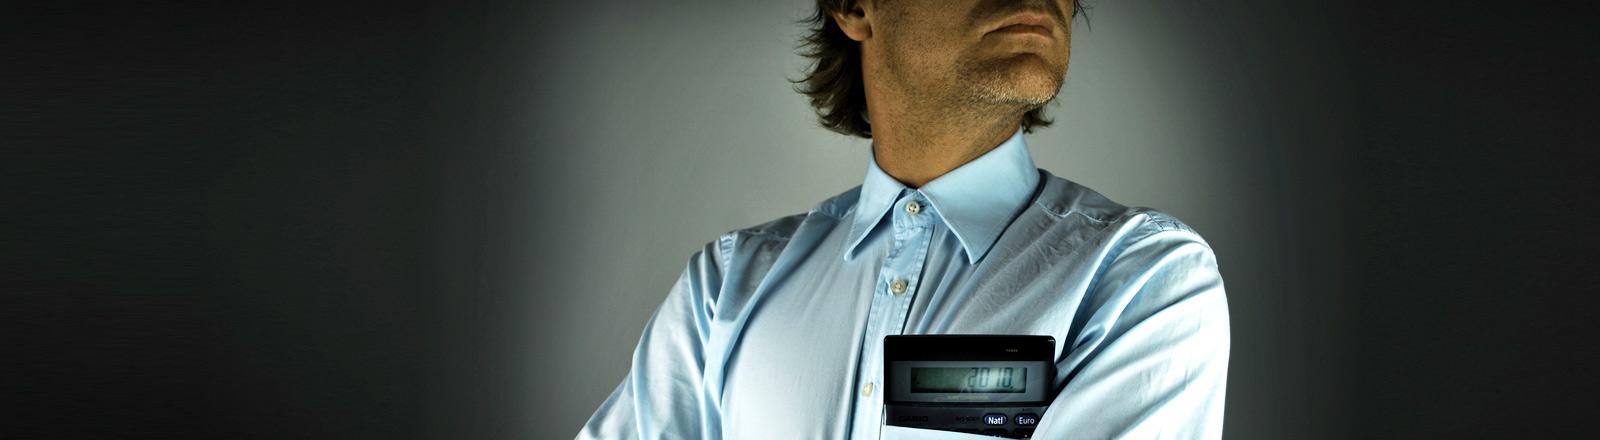 Ein Mann mit Hemd und Taschenrechner in der Brusttasche.